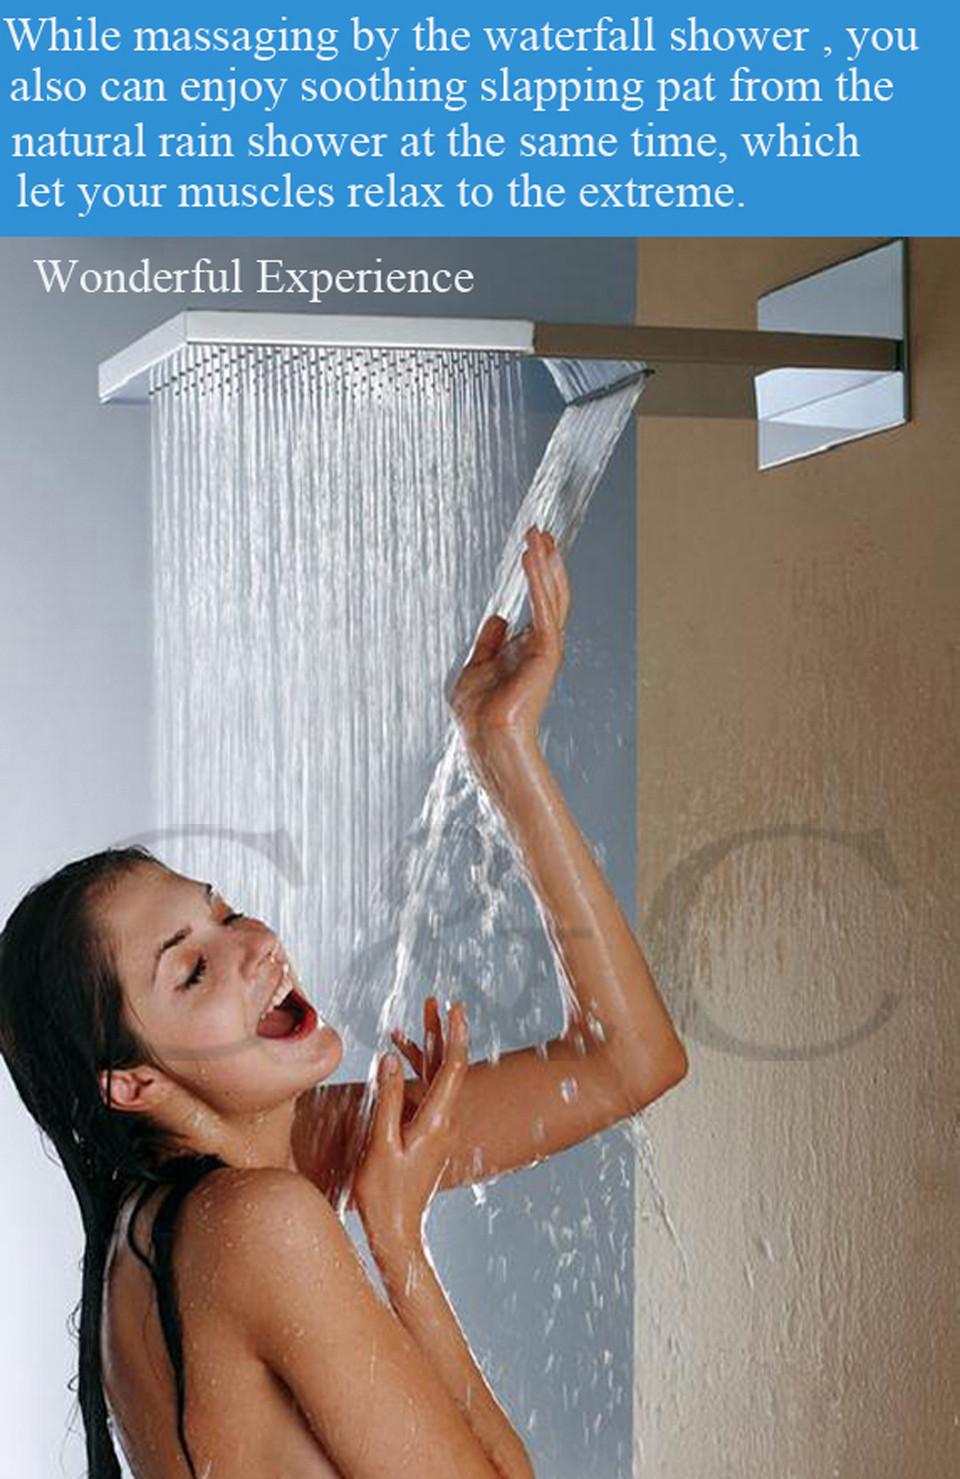 водопад насадка для душа с двойной дождь и водопад функции душ из нержавеющей стали 304 щеткой никель новое прибытие bd025